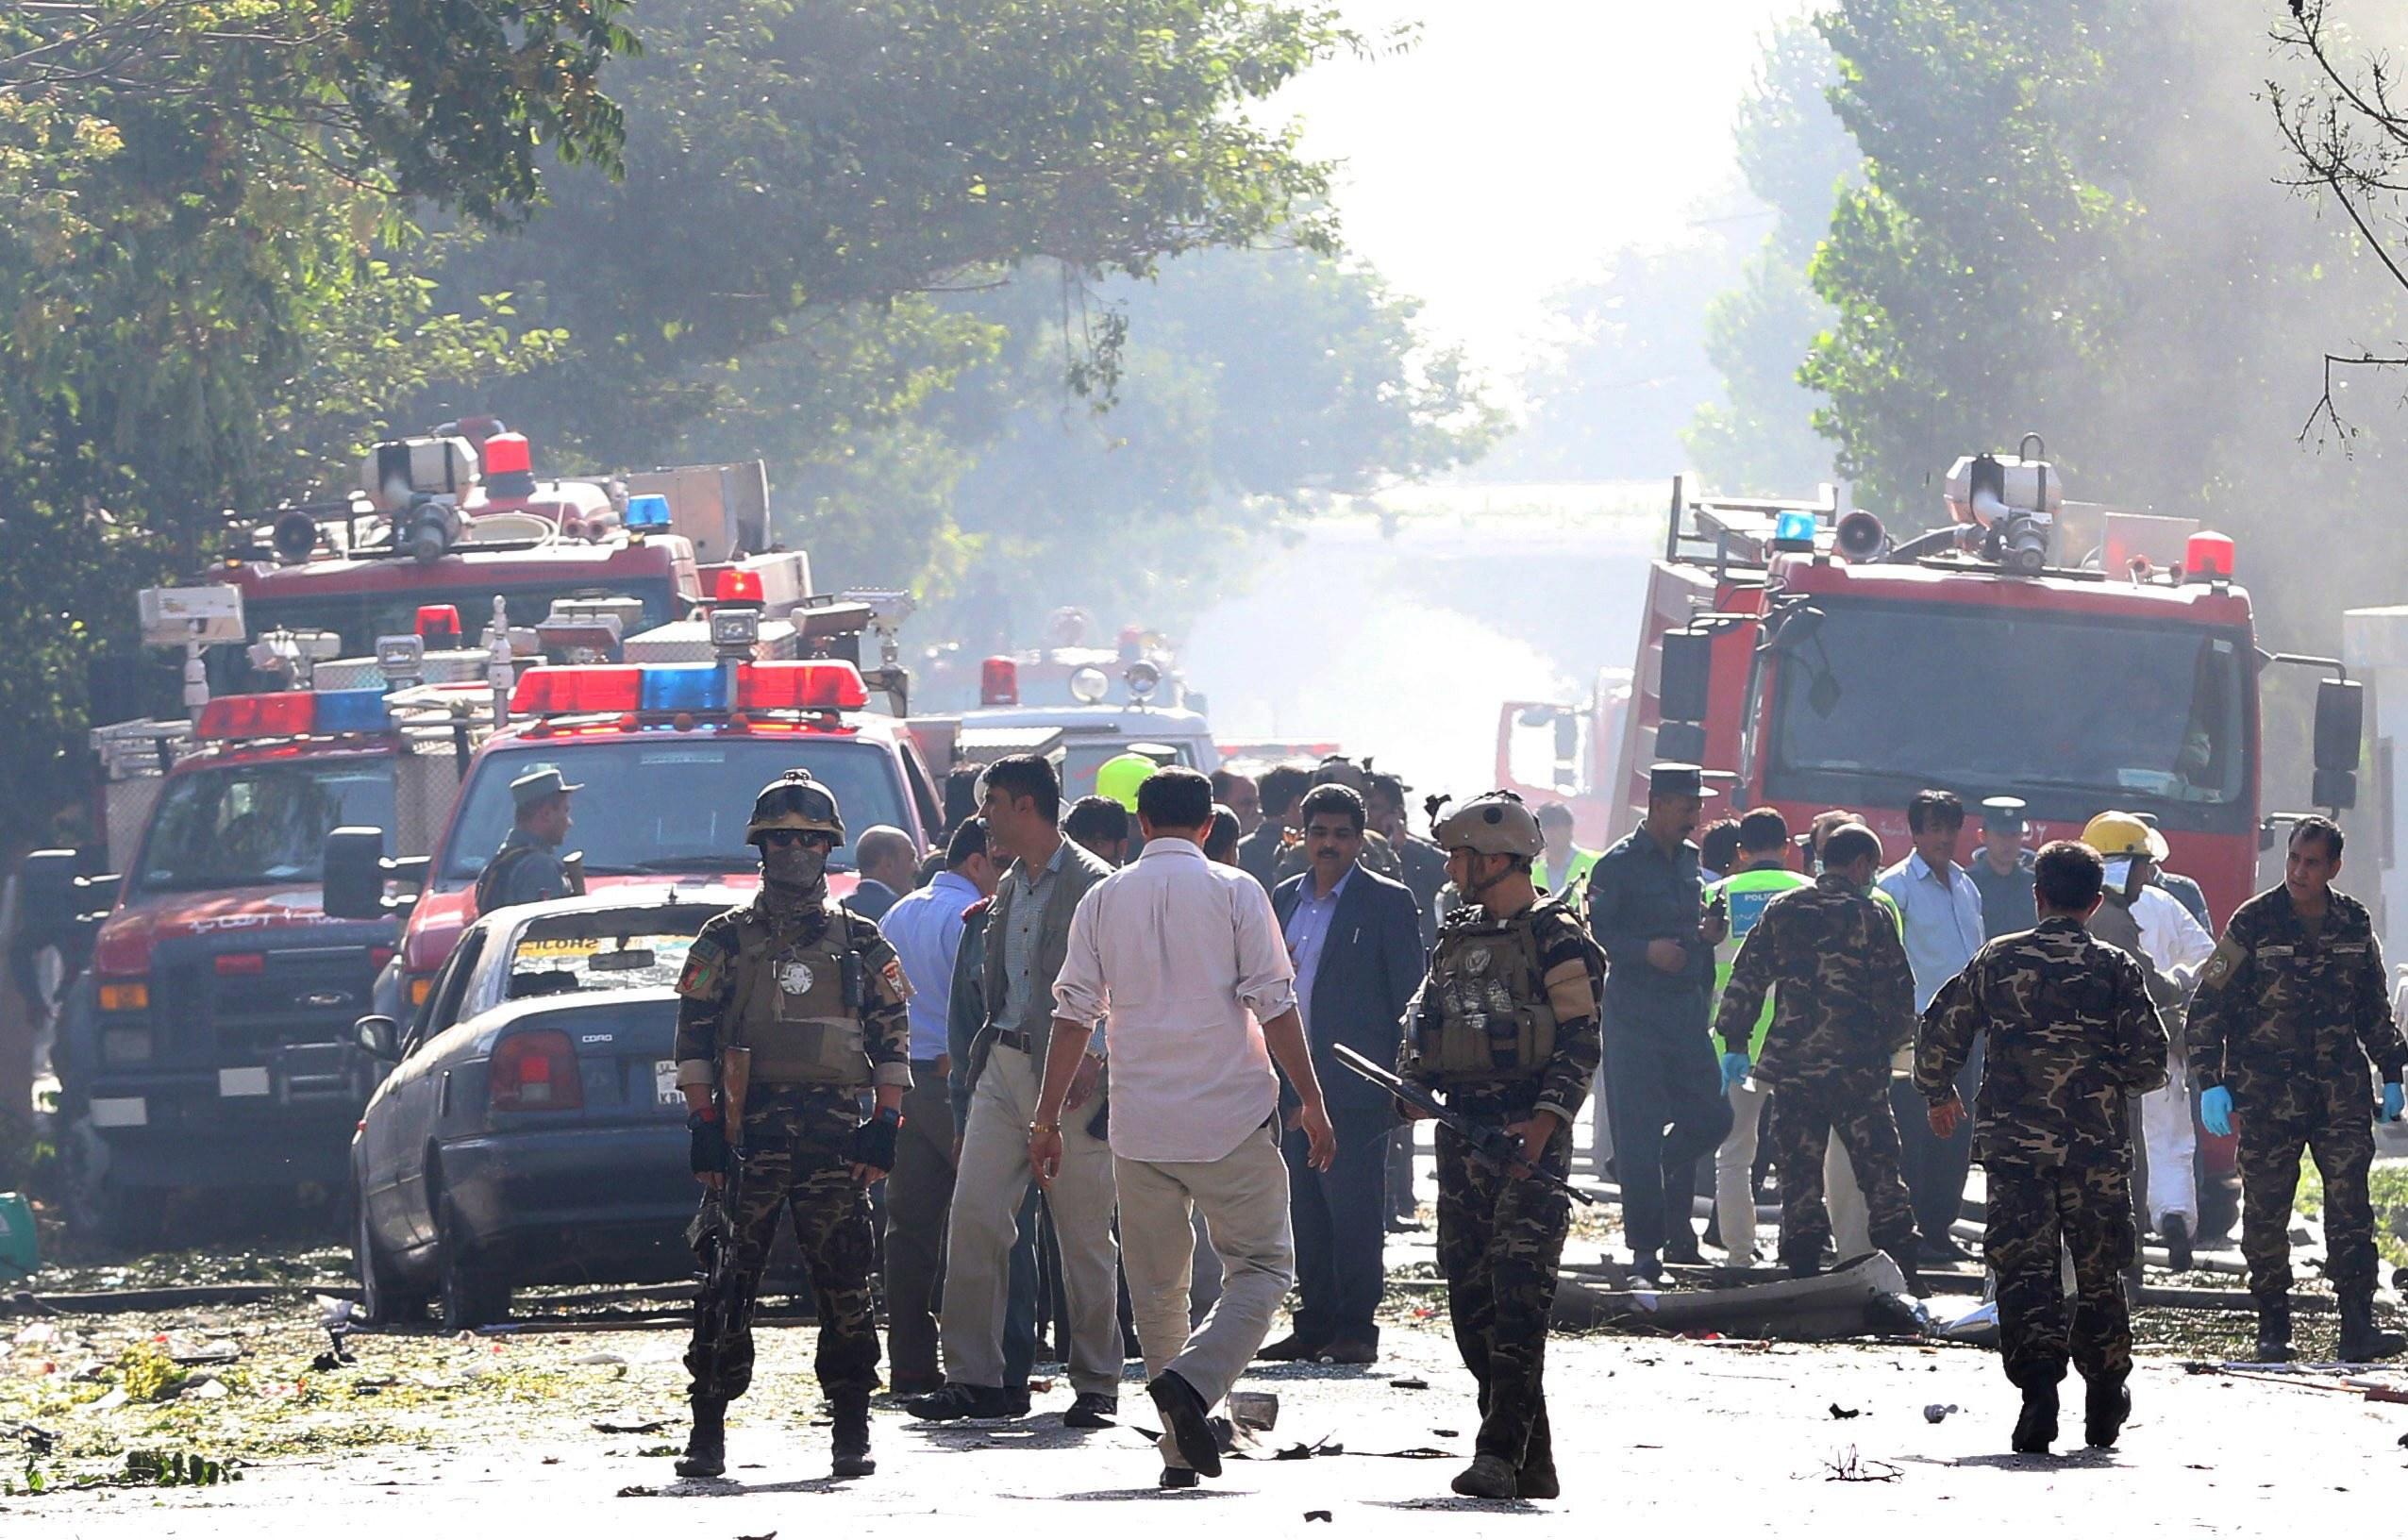 Afeganistão. Mais de 200 mortos em ataques desde terça-feira